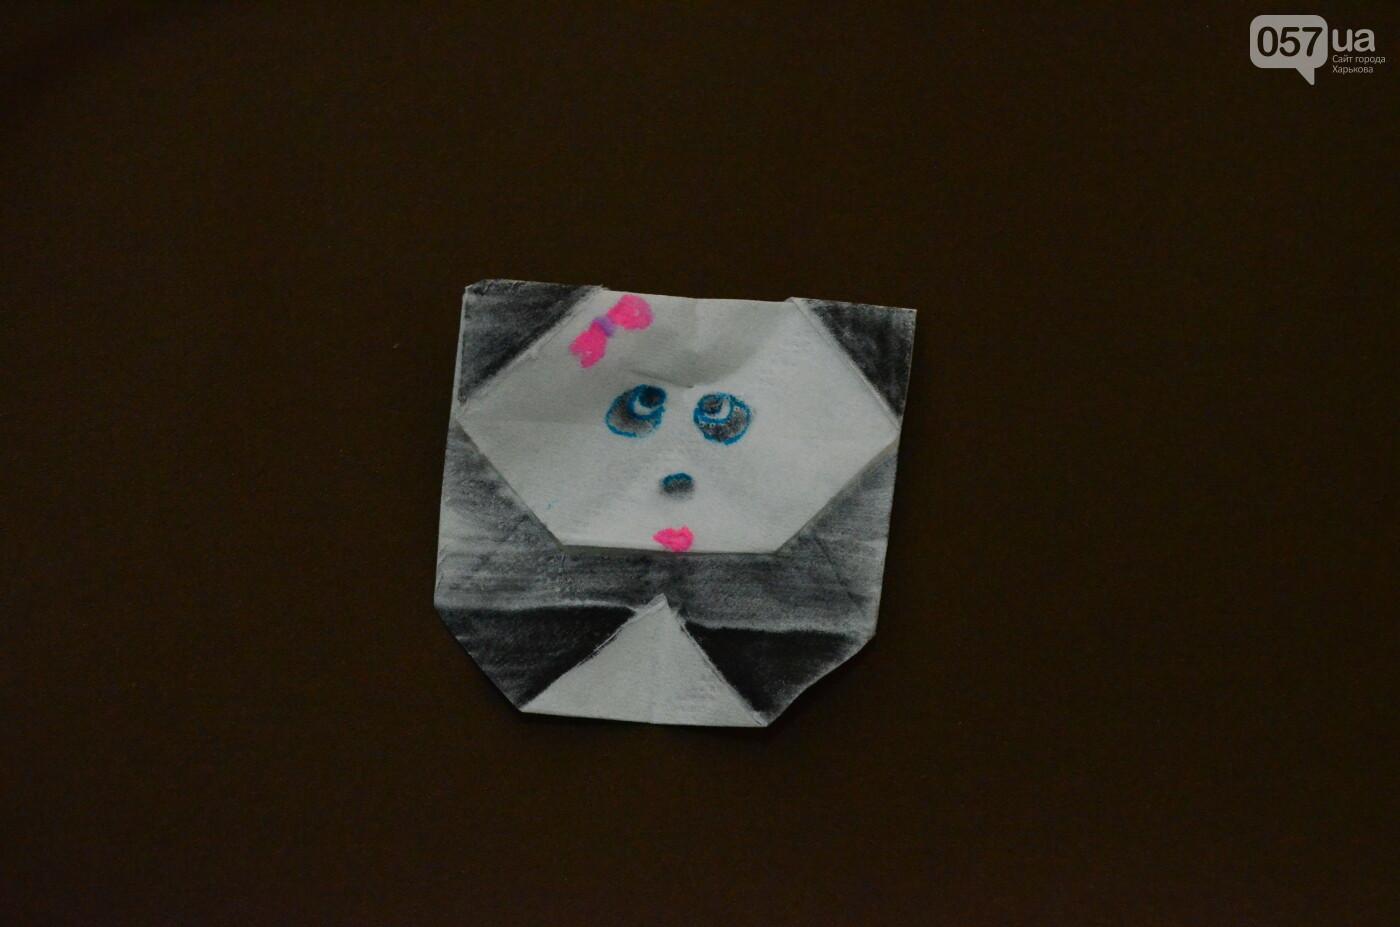 """ТОП-10 оригами из туалетной бумаги, если вы поддались панике и накупили ее """"побольше"""", - ФОТО, фото-17"""